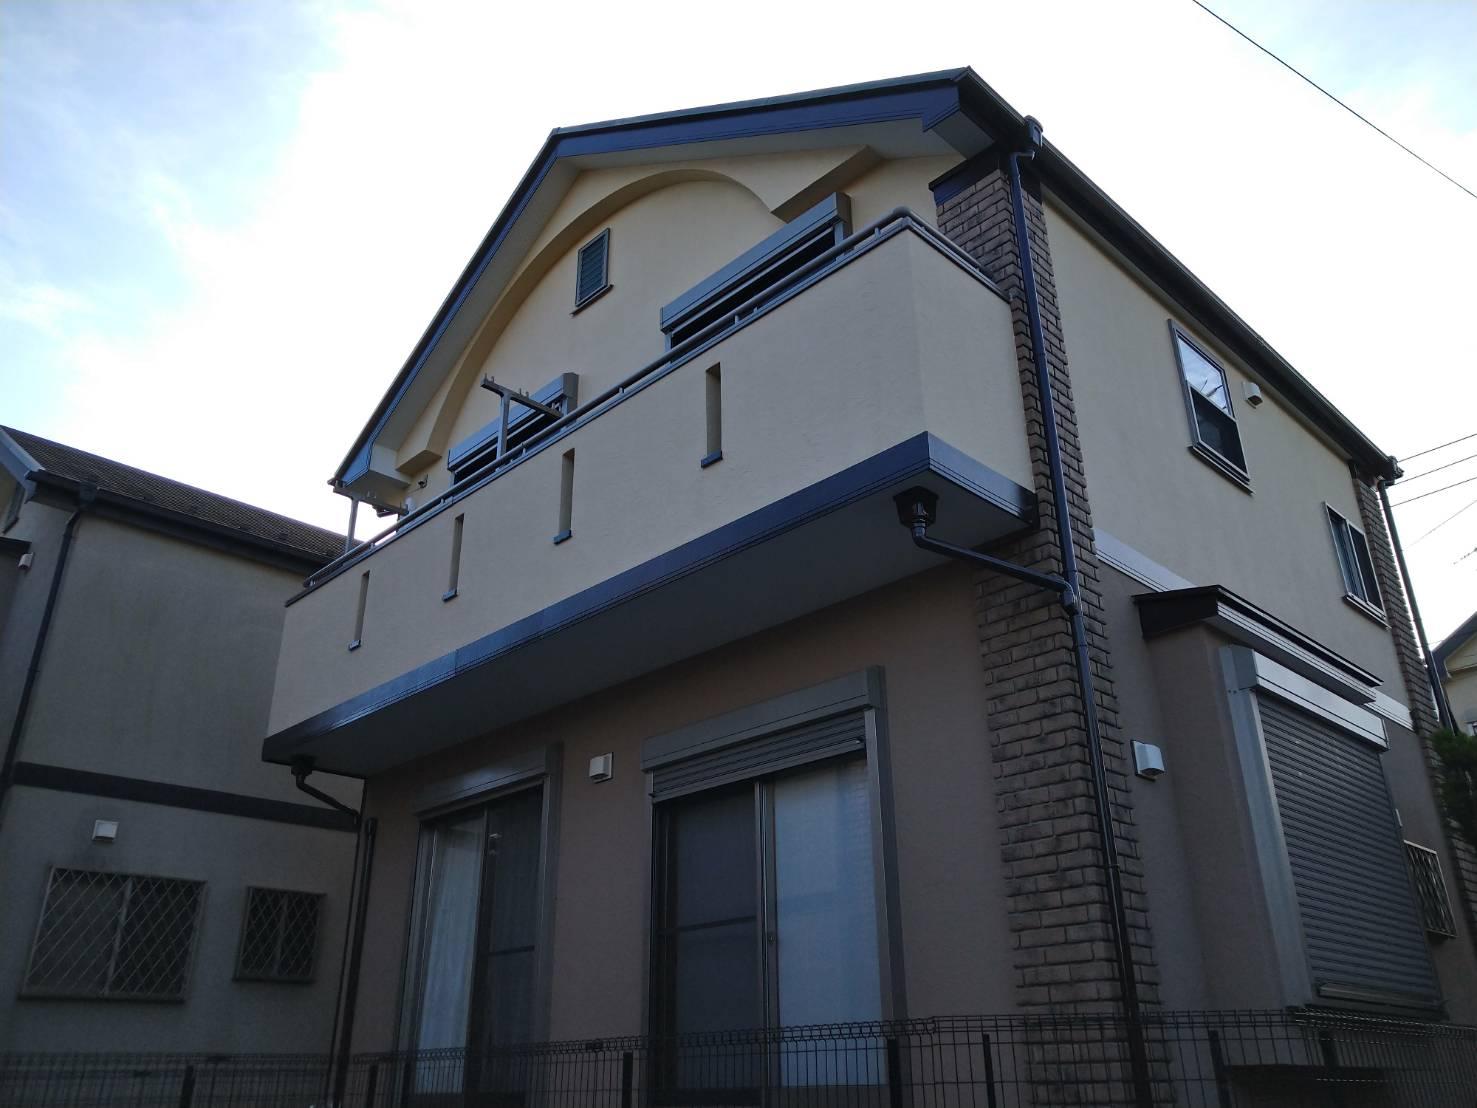 千葉県船橋市西船M邸のジョリパットインフィニティ外壁塗装工事